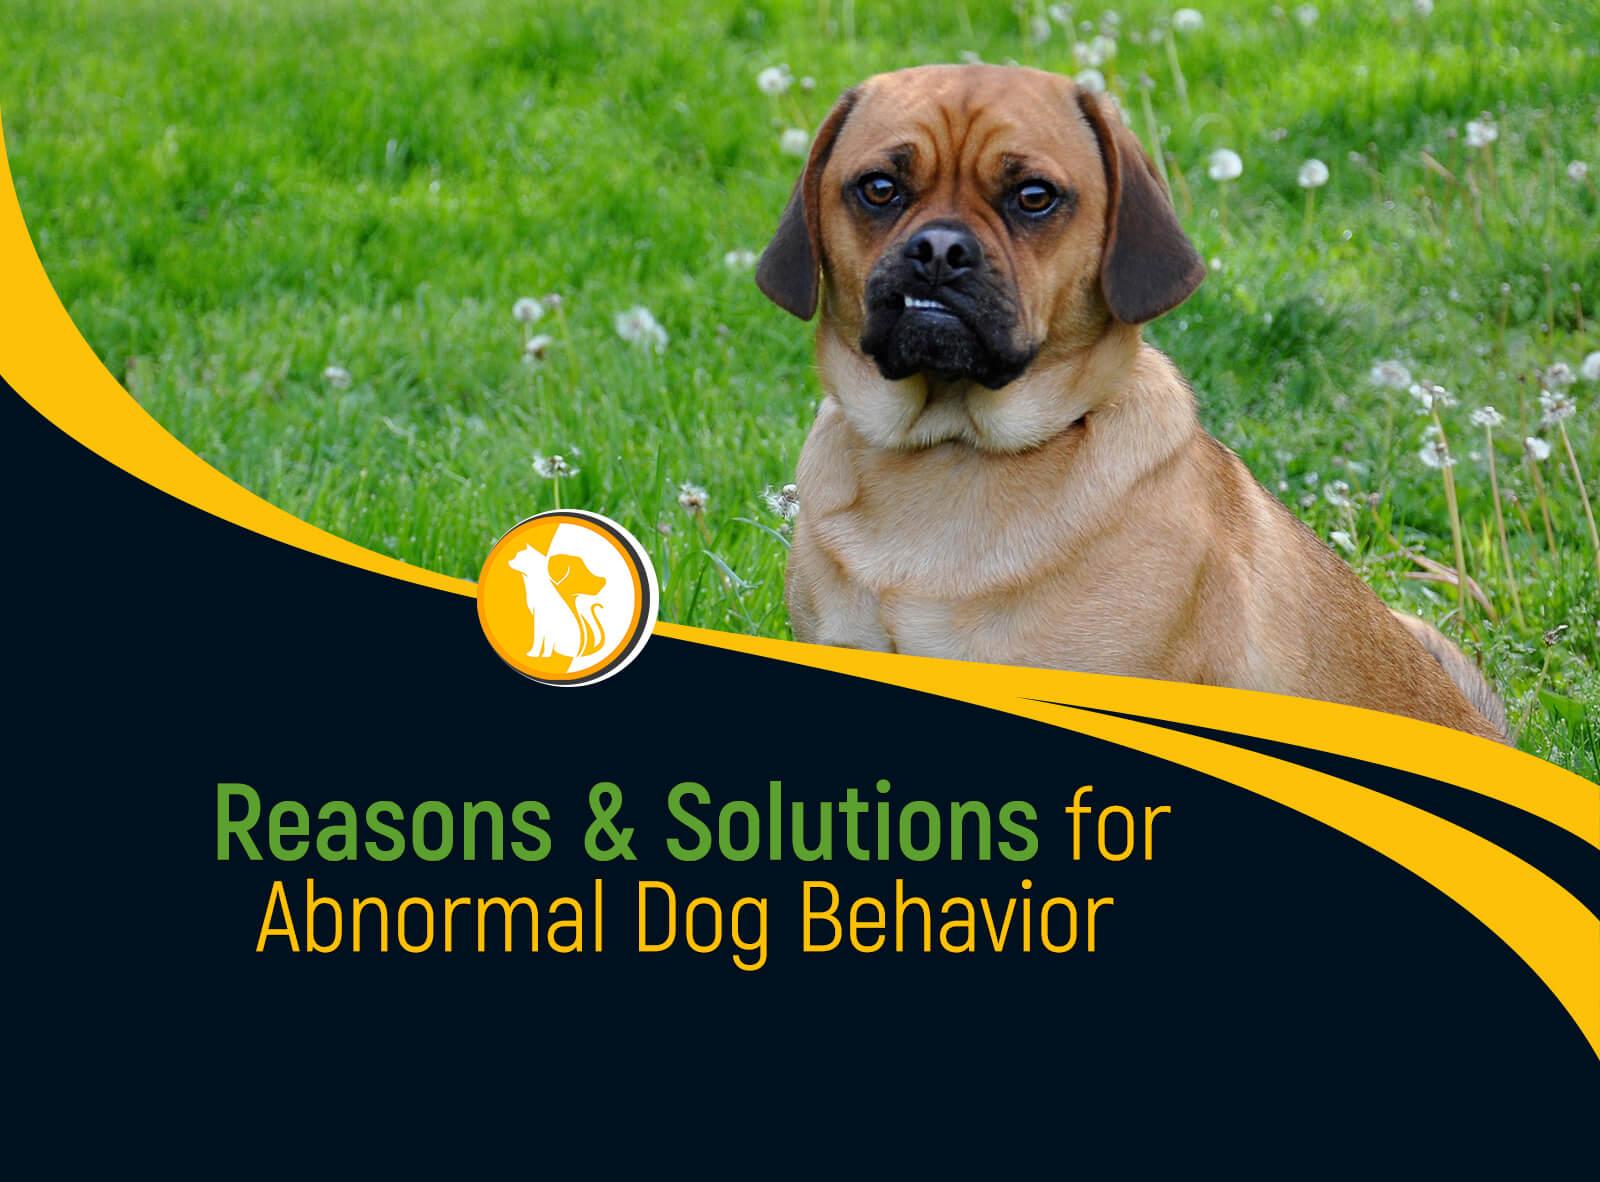 Reasons & Solutions for Abnormal Dog Behavior